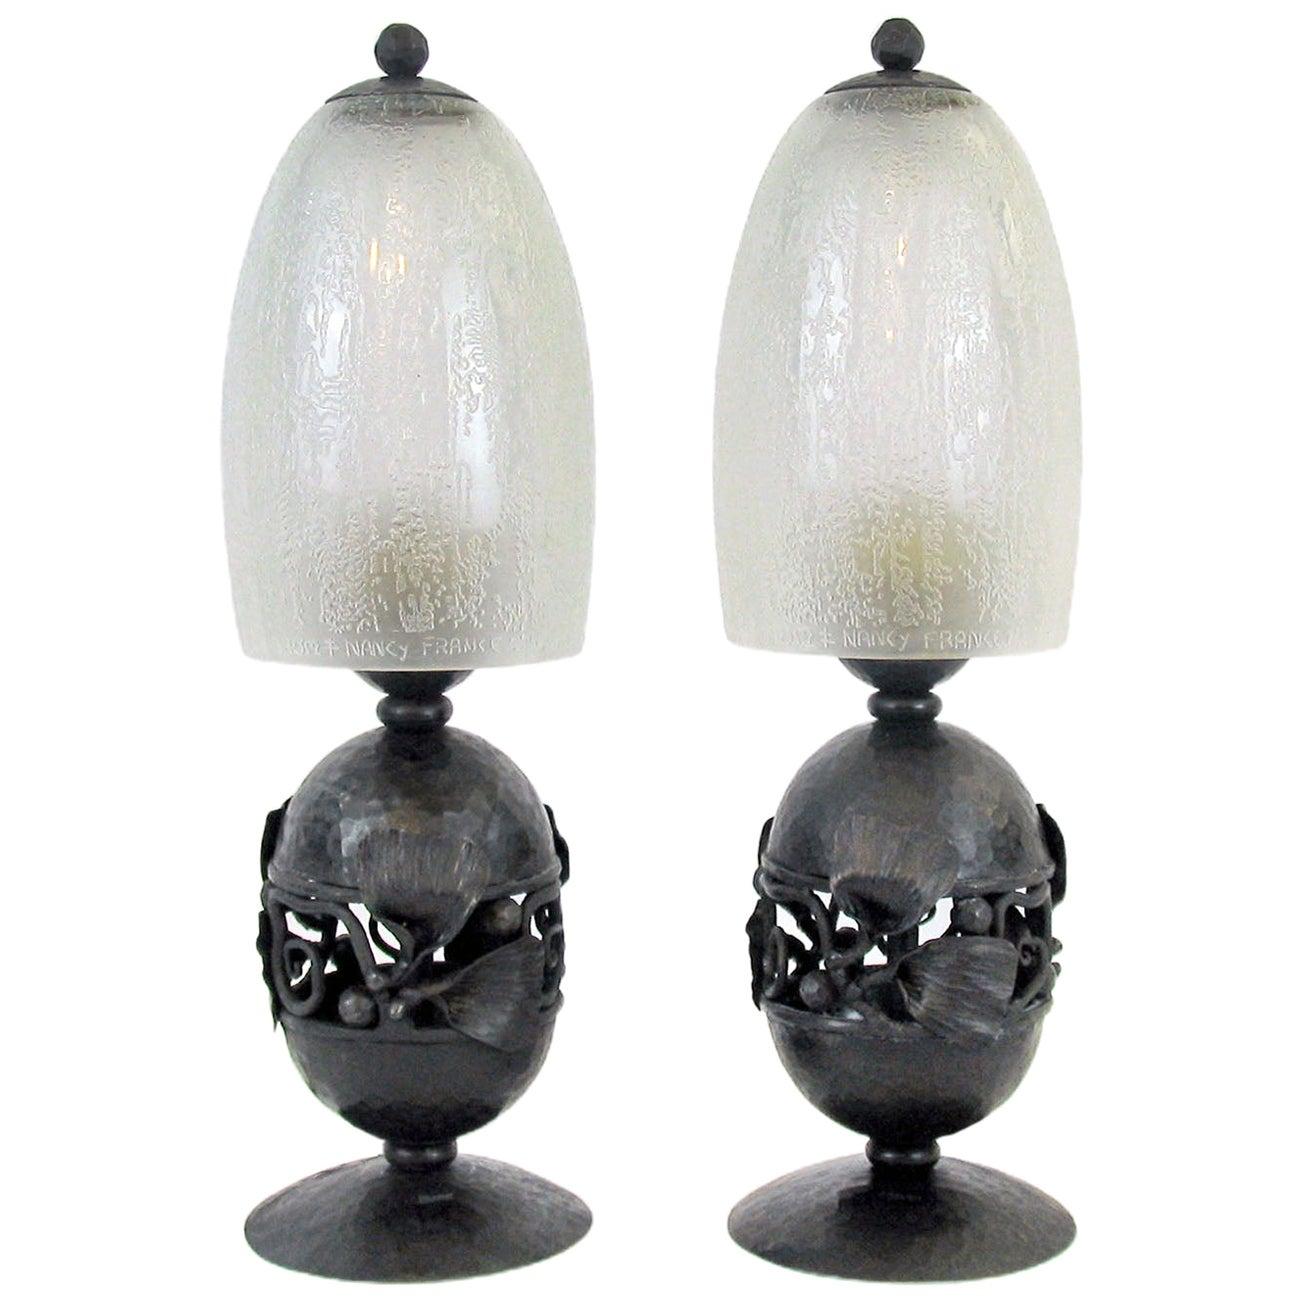 Art Deco Edgar Brandt and Daum Freres, Pair of Table Lamps